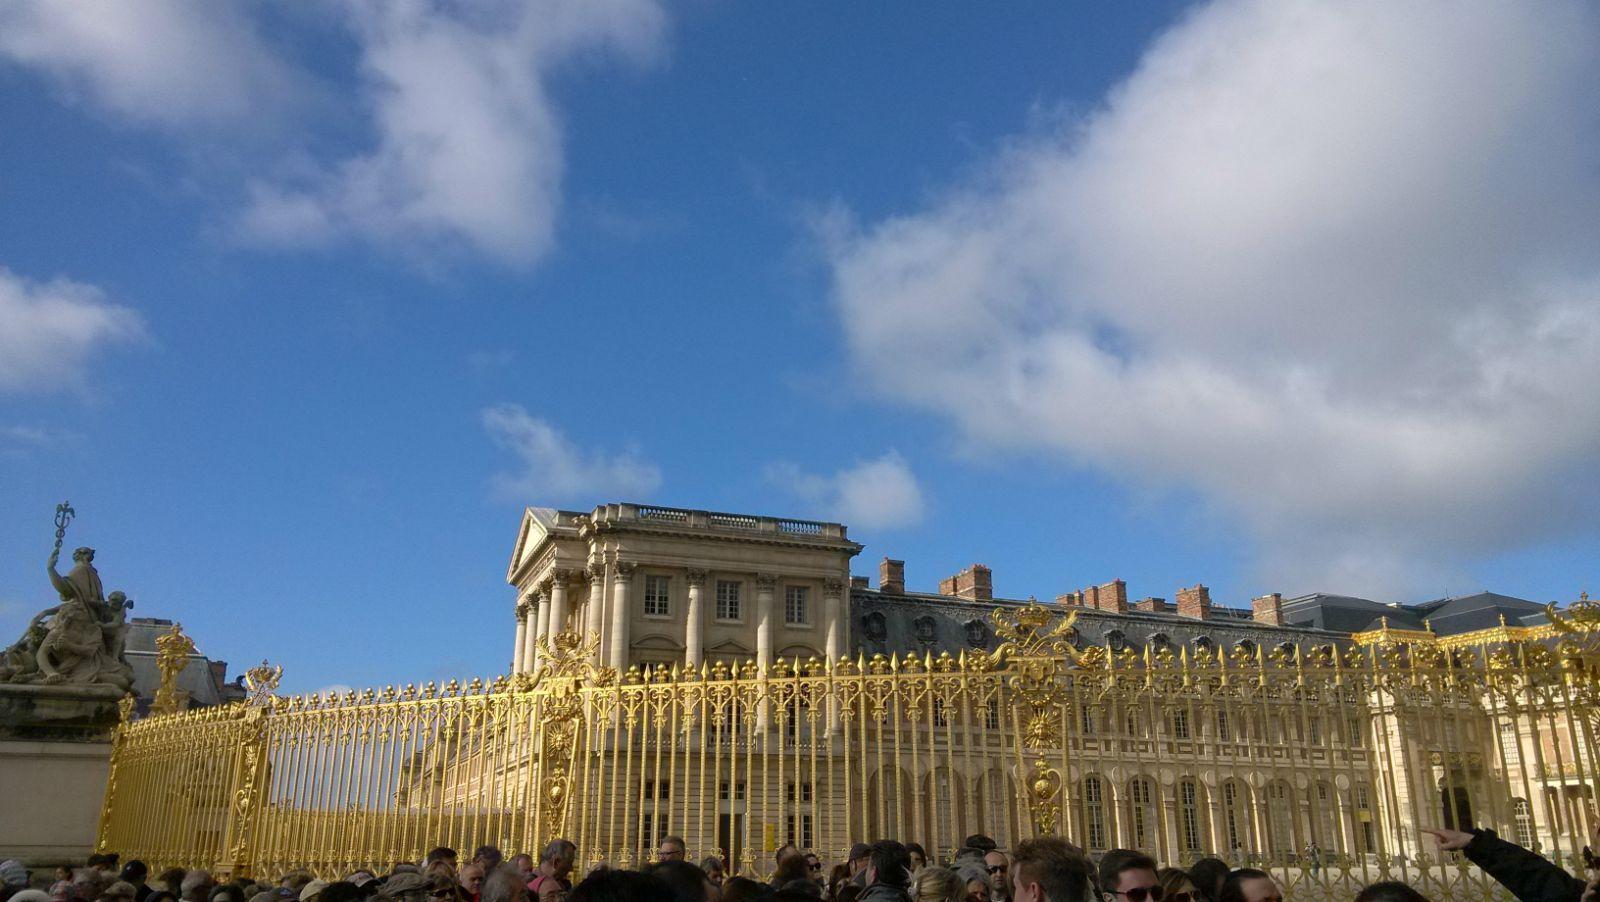 建筑外墙的浮雕,围栏的金色雕花,无一不体现出欧式古典主义的美感